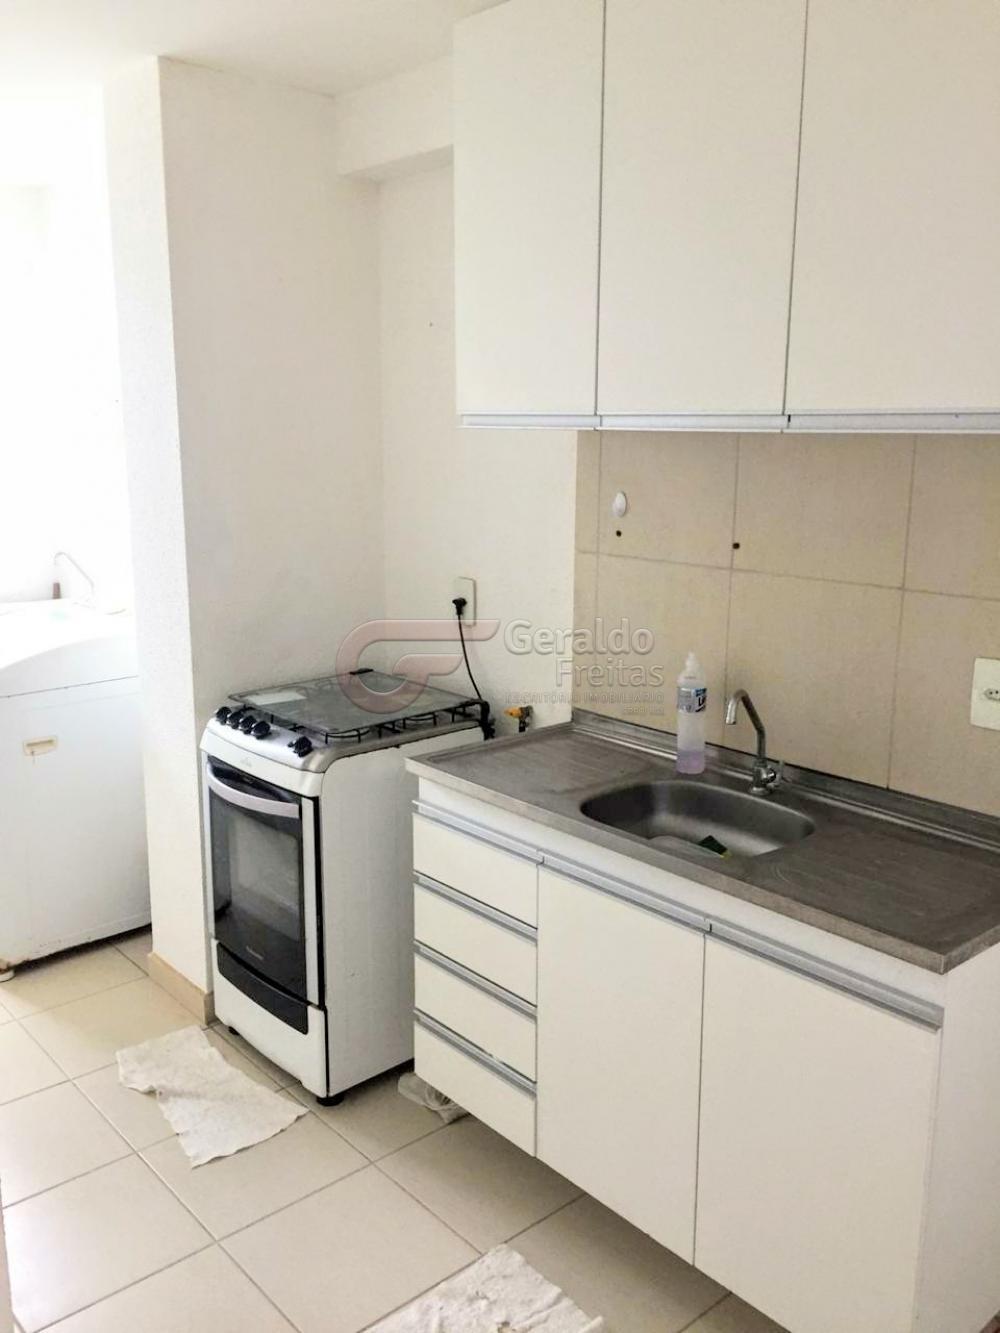 Comprar Apartamentos / Padrão em Maceió apenas R$ 190.000,00 - Foto 7